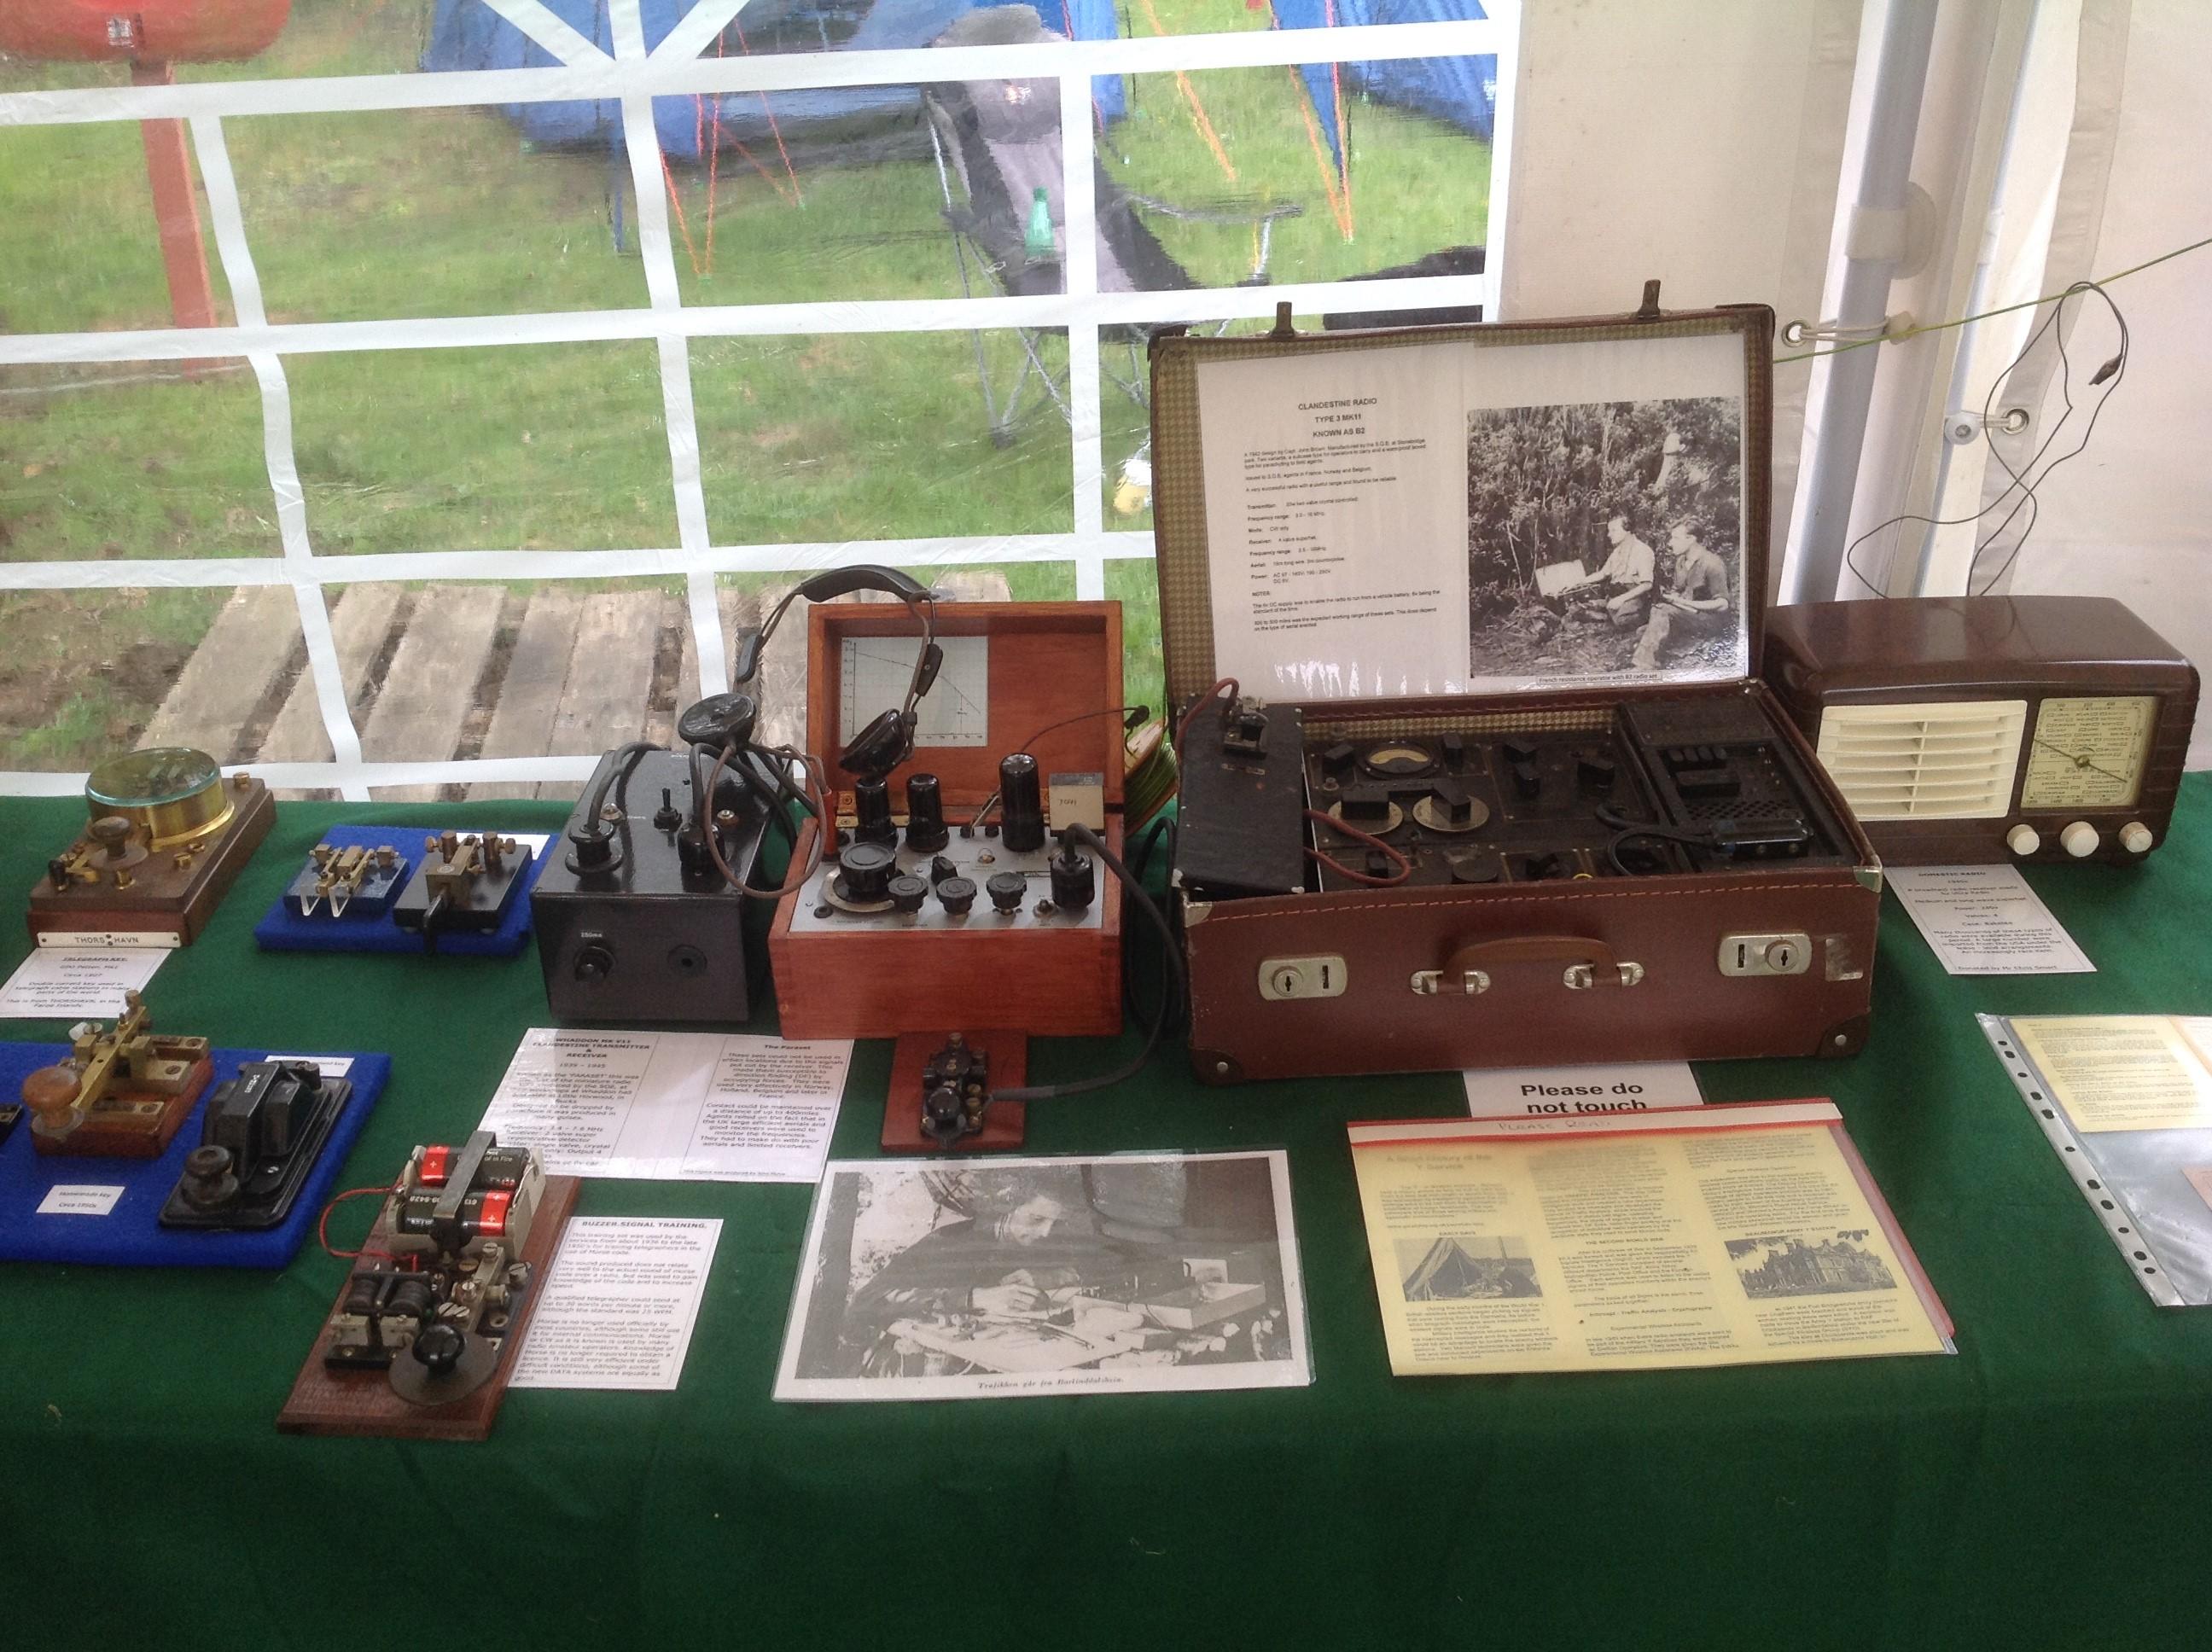 Morse keys and eare SOE radios.